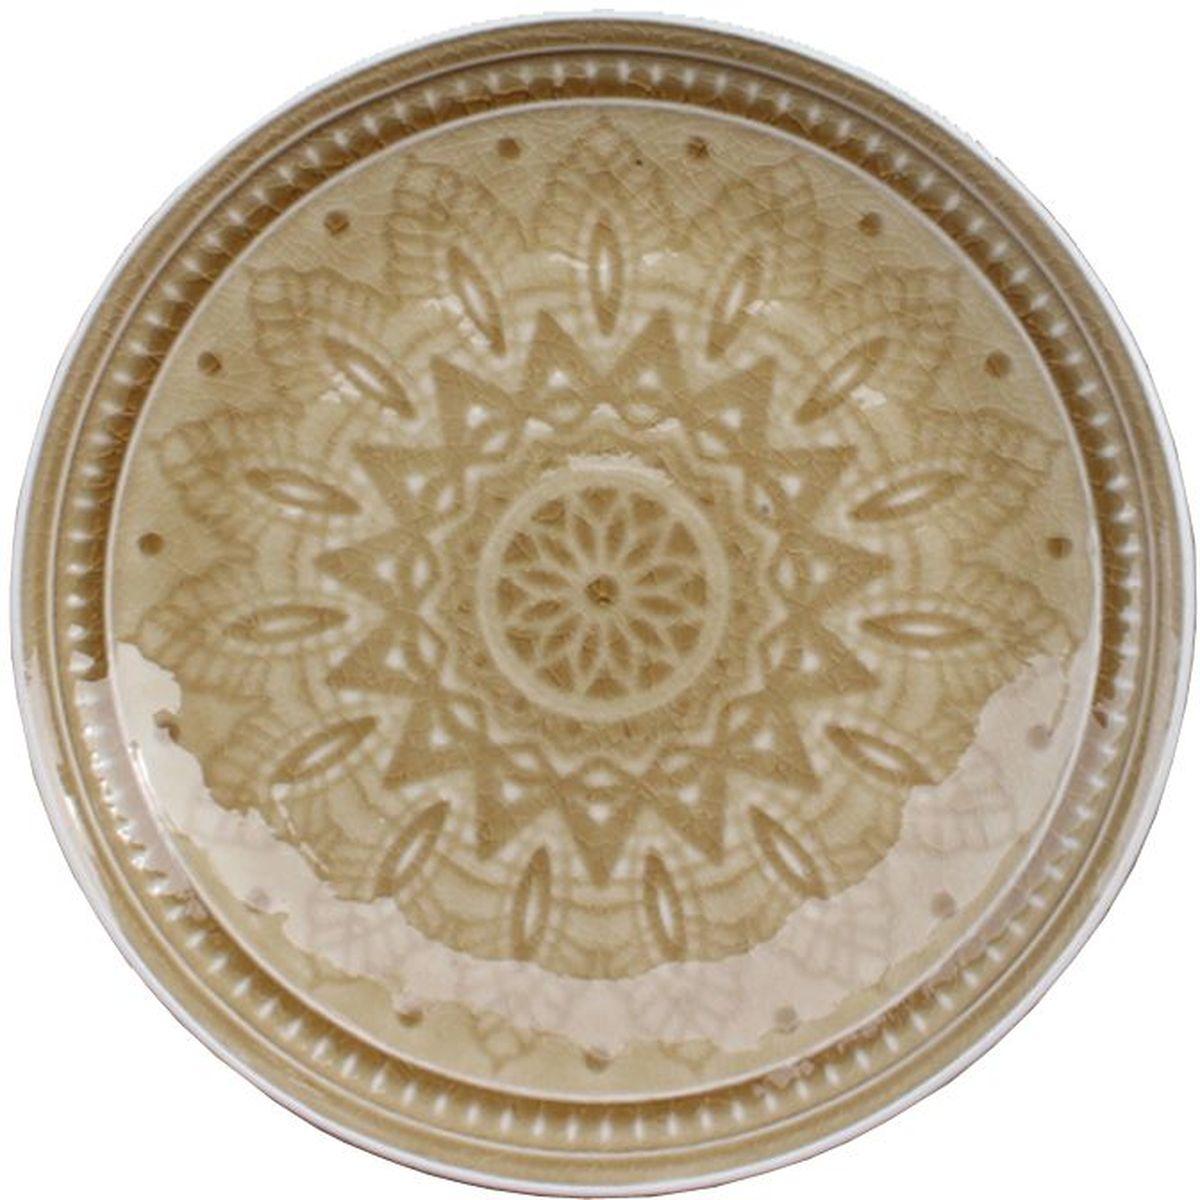 Набор десертных тарелок Tongo, цвет: золотая рожь, диаметр 20,5 см, 6 штPL-205y Tongo Набор тарелок десертныхТрадиционная этническая посуда Индонезии. Декоративная техника придает посуде этнический шарм, с элементами старения, в виде паутинки мелких трещинок на поверхности эмали, что повышает ее привлекательность и ценность среди посудных аналогов. В процессе эксплуатации мелкие трещины так же могут проявляться на внутренних поверхностях кружек и салатников, - что так же является задумкой дизайнеров, заложенной в производственной технологии.